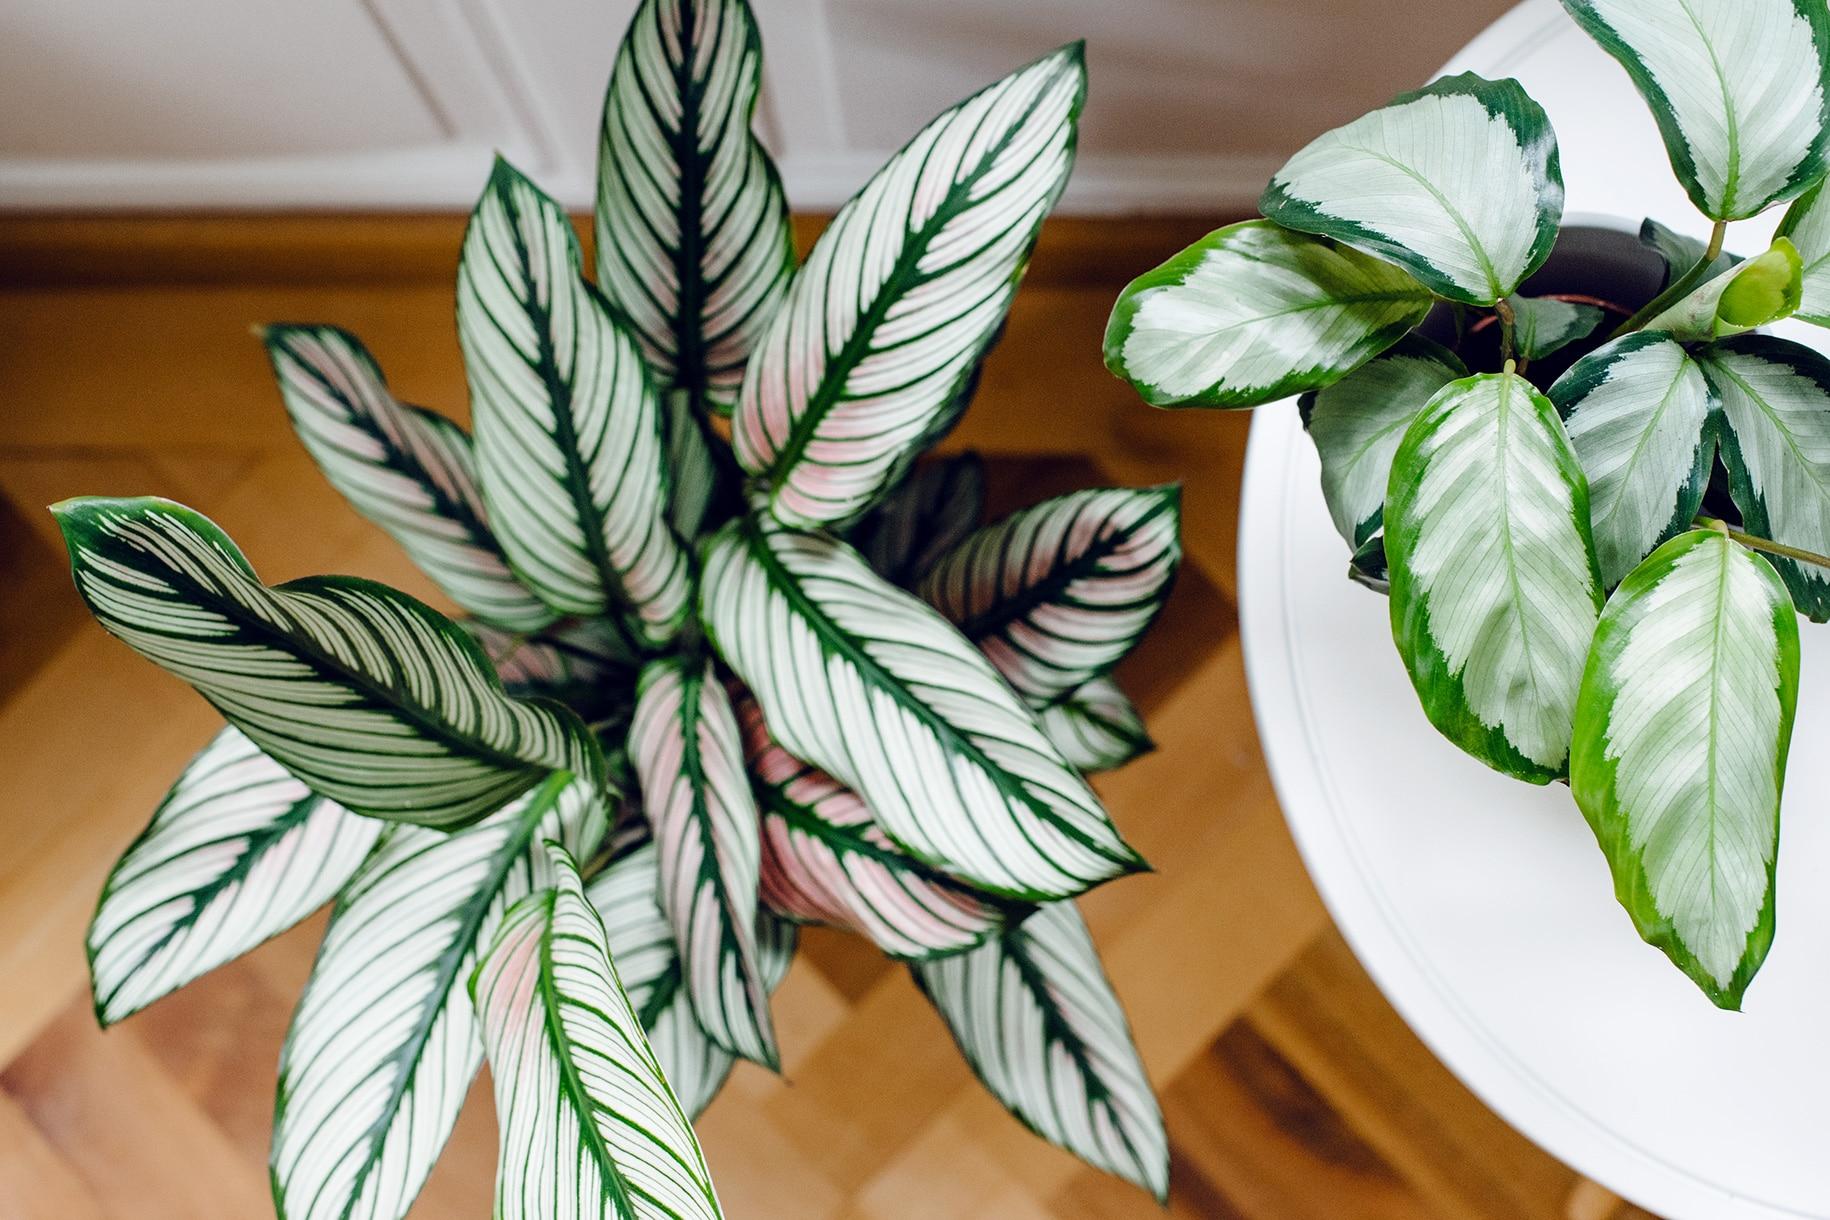 Collection de plantes d'intérieur: différentes variétés de calathea